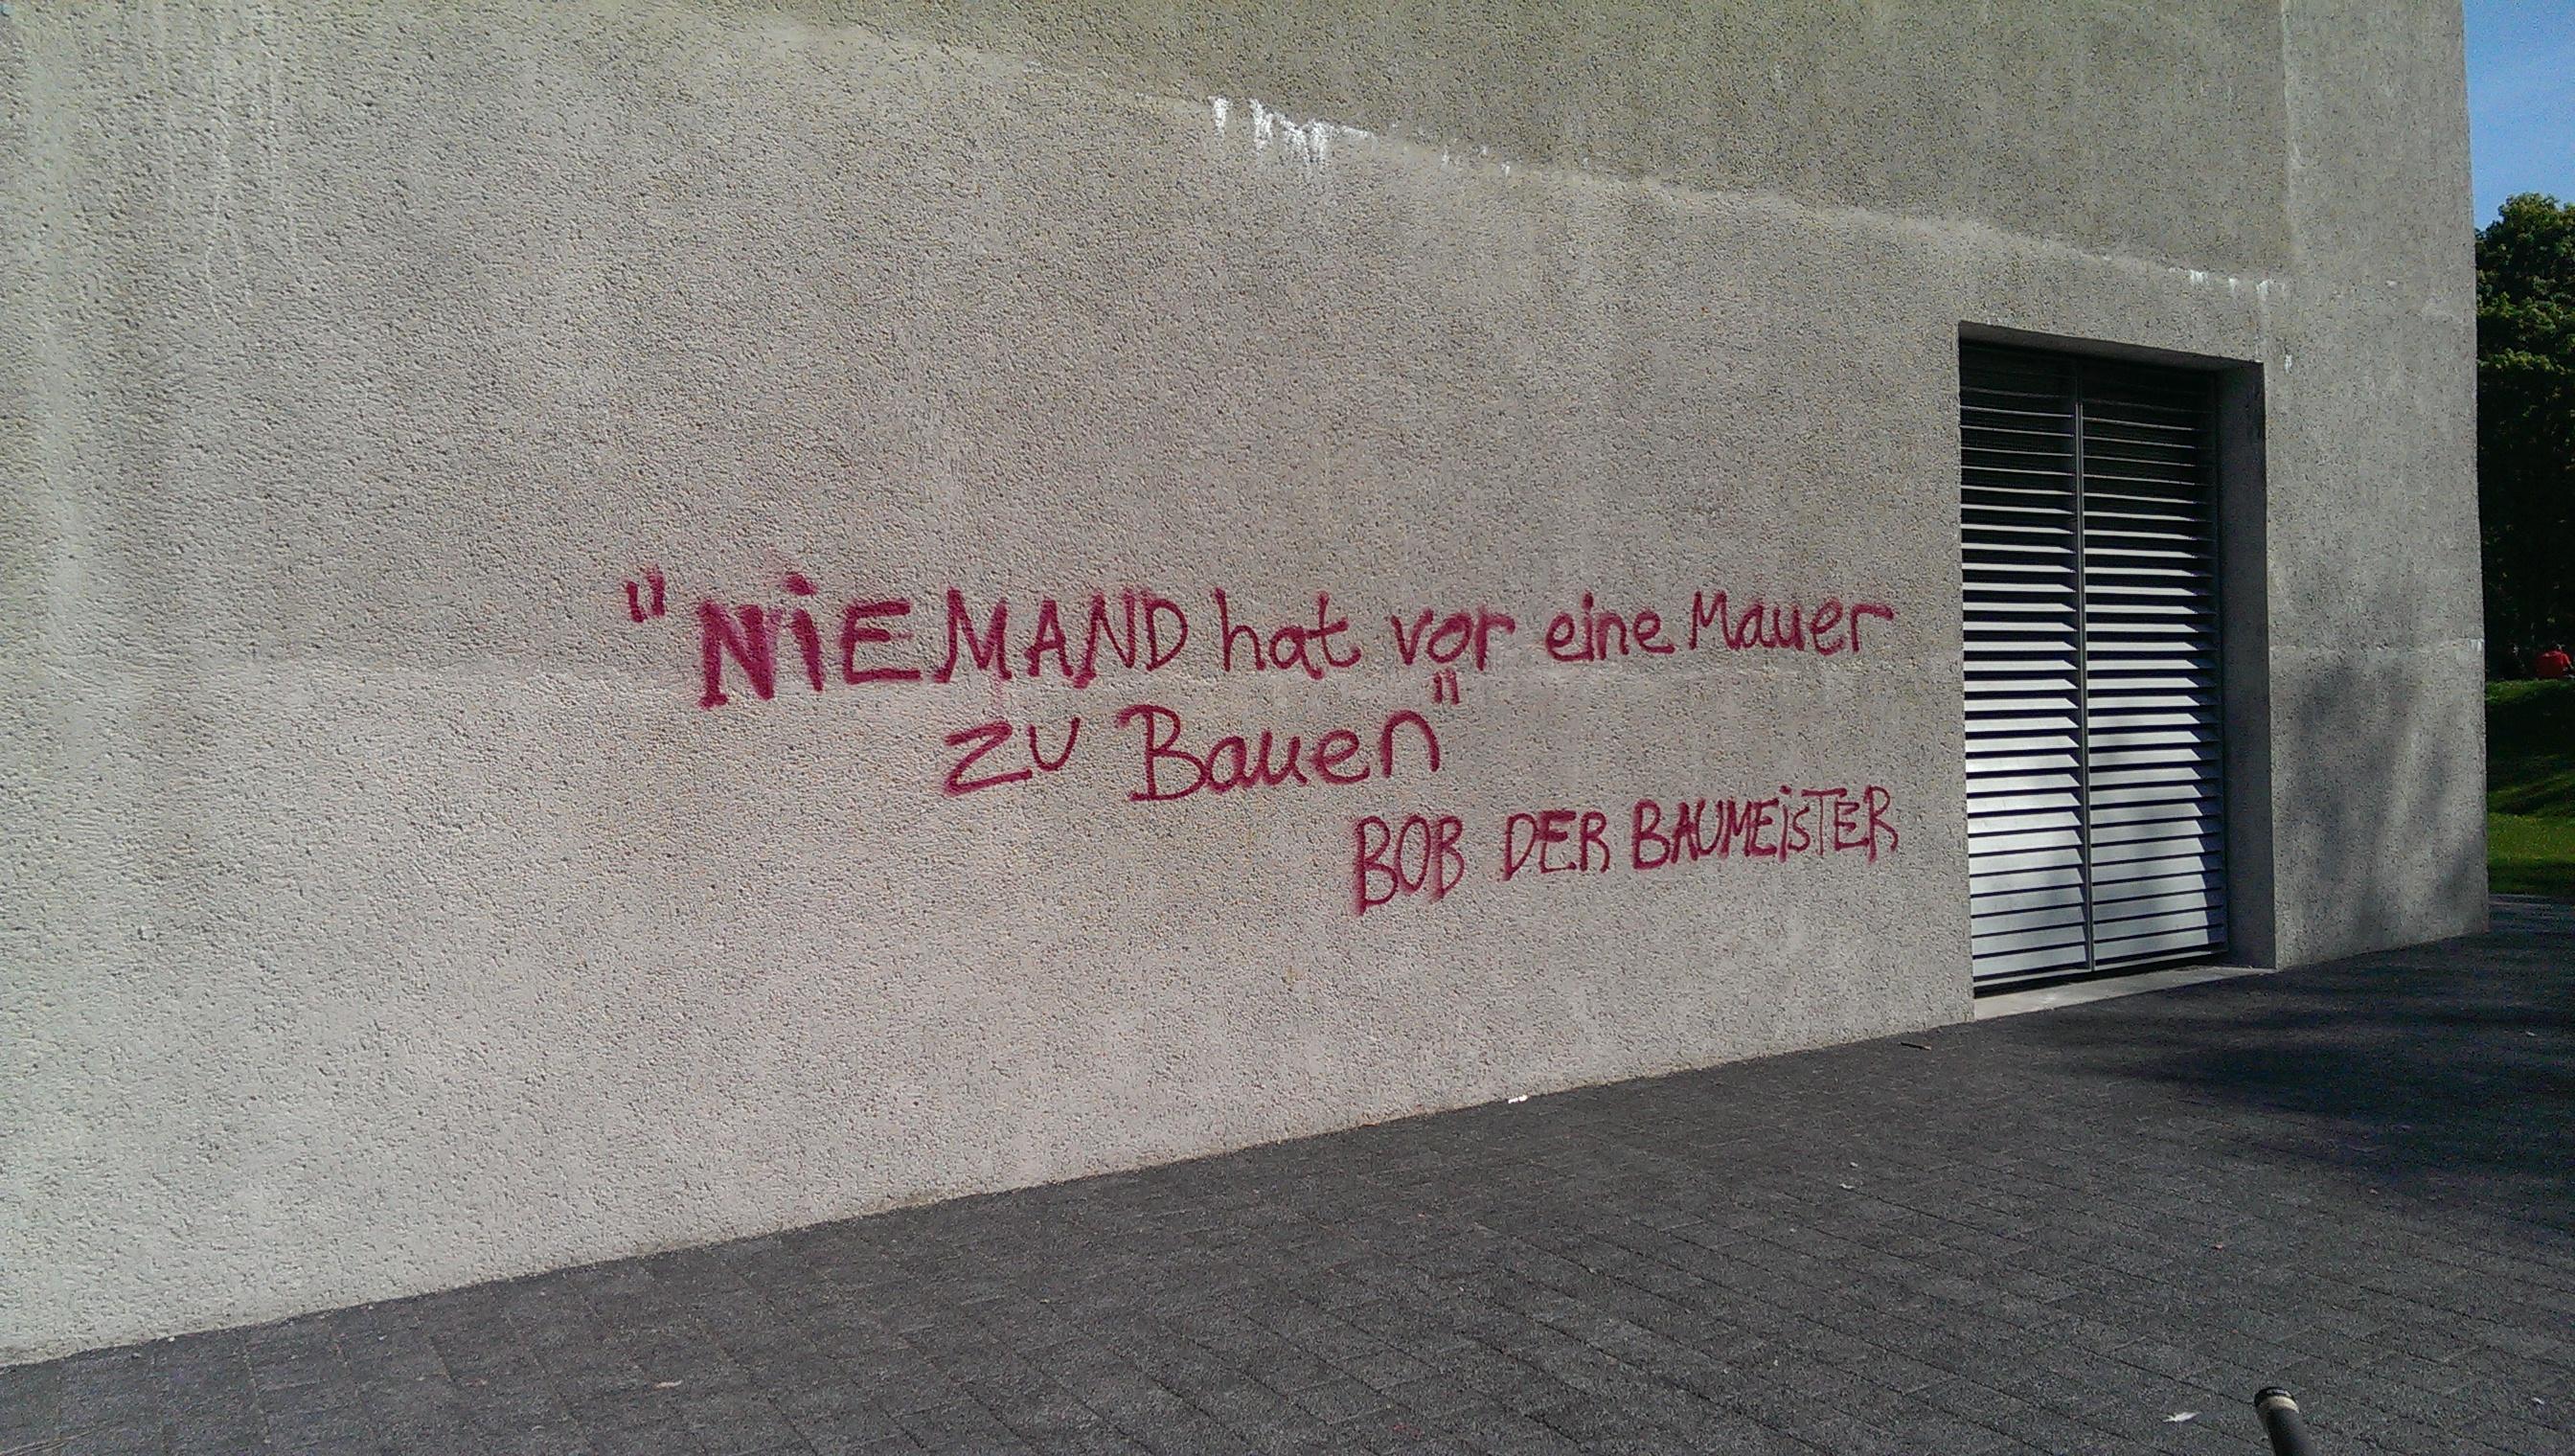 Grafiti Niemand hat vor eine Mauer zu bauen